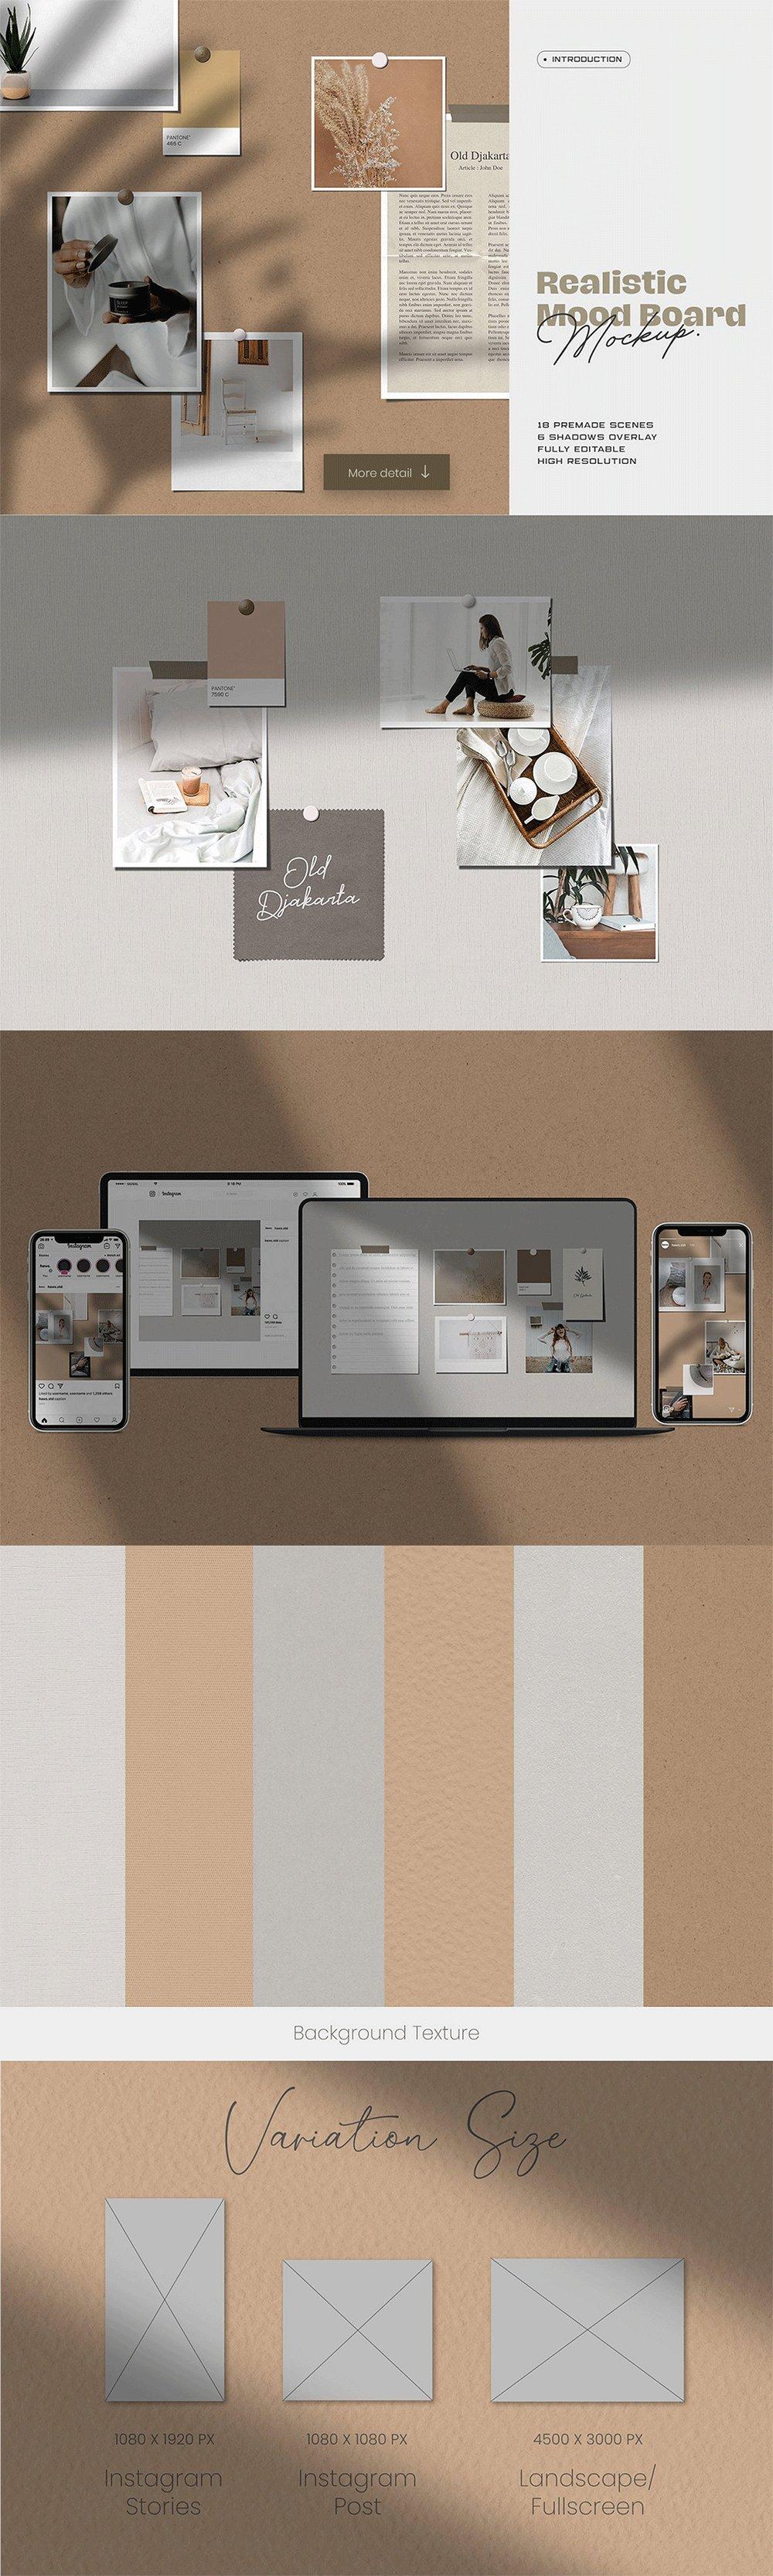 [淘宝购买] 10套文艺情绪板摄影相片卡片拼贴设计PSD源文件 Bundle Moodboard Mockup V2插图(7)